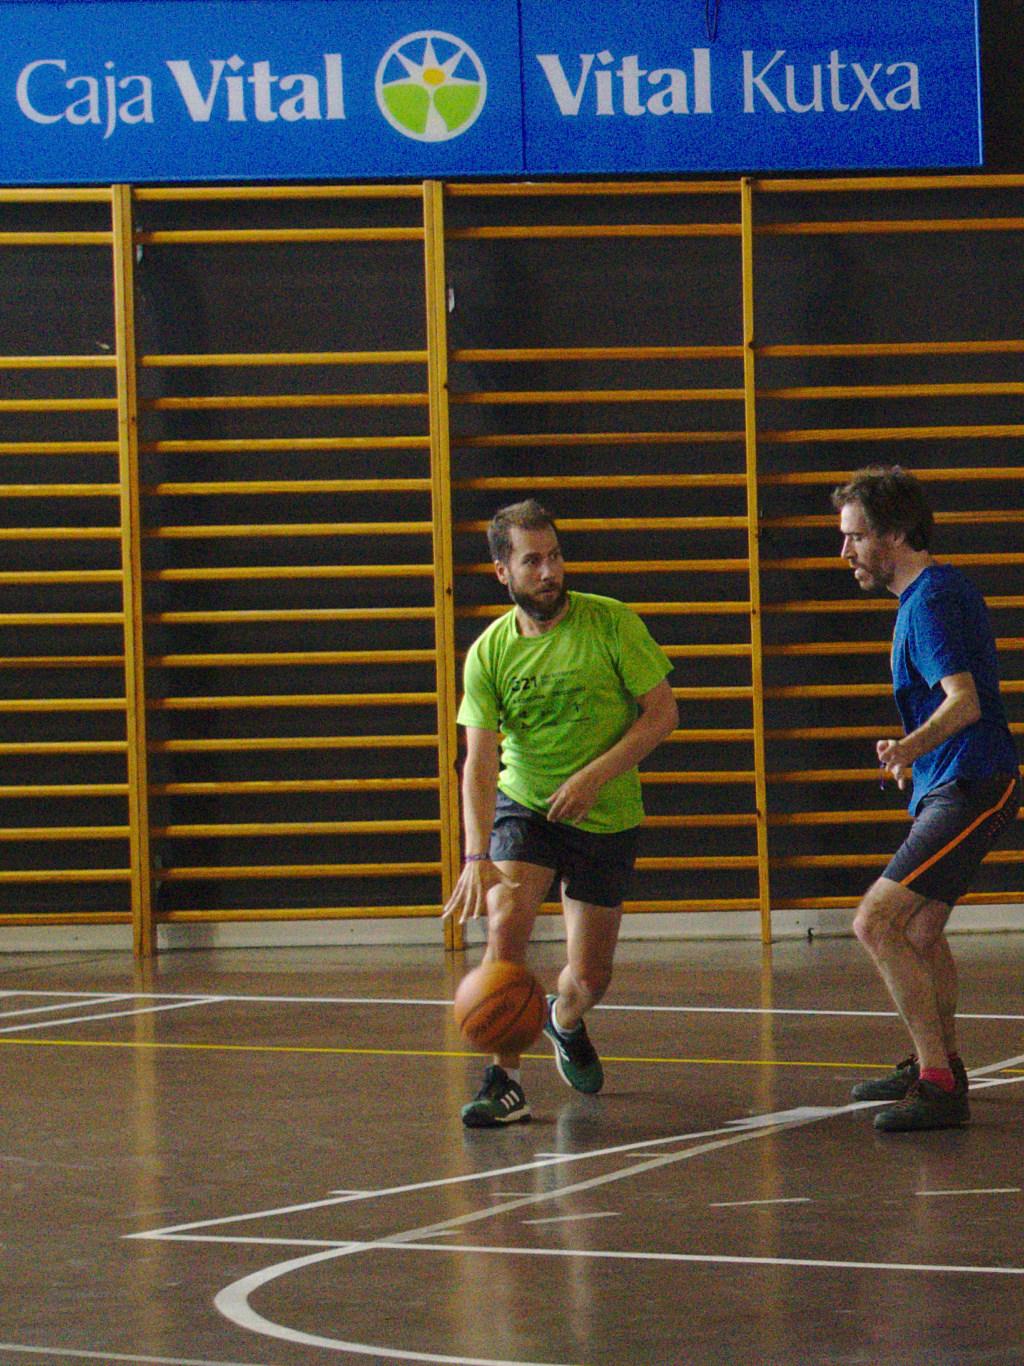 Pachanga De Basket ARF ¡ OTRO AÑO MAS ROCKET CAMPEÓN! - Página 11 Dsc02113